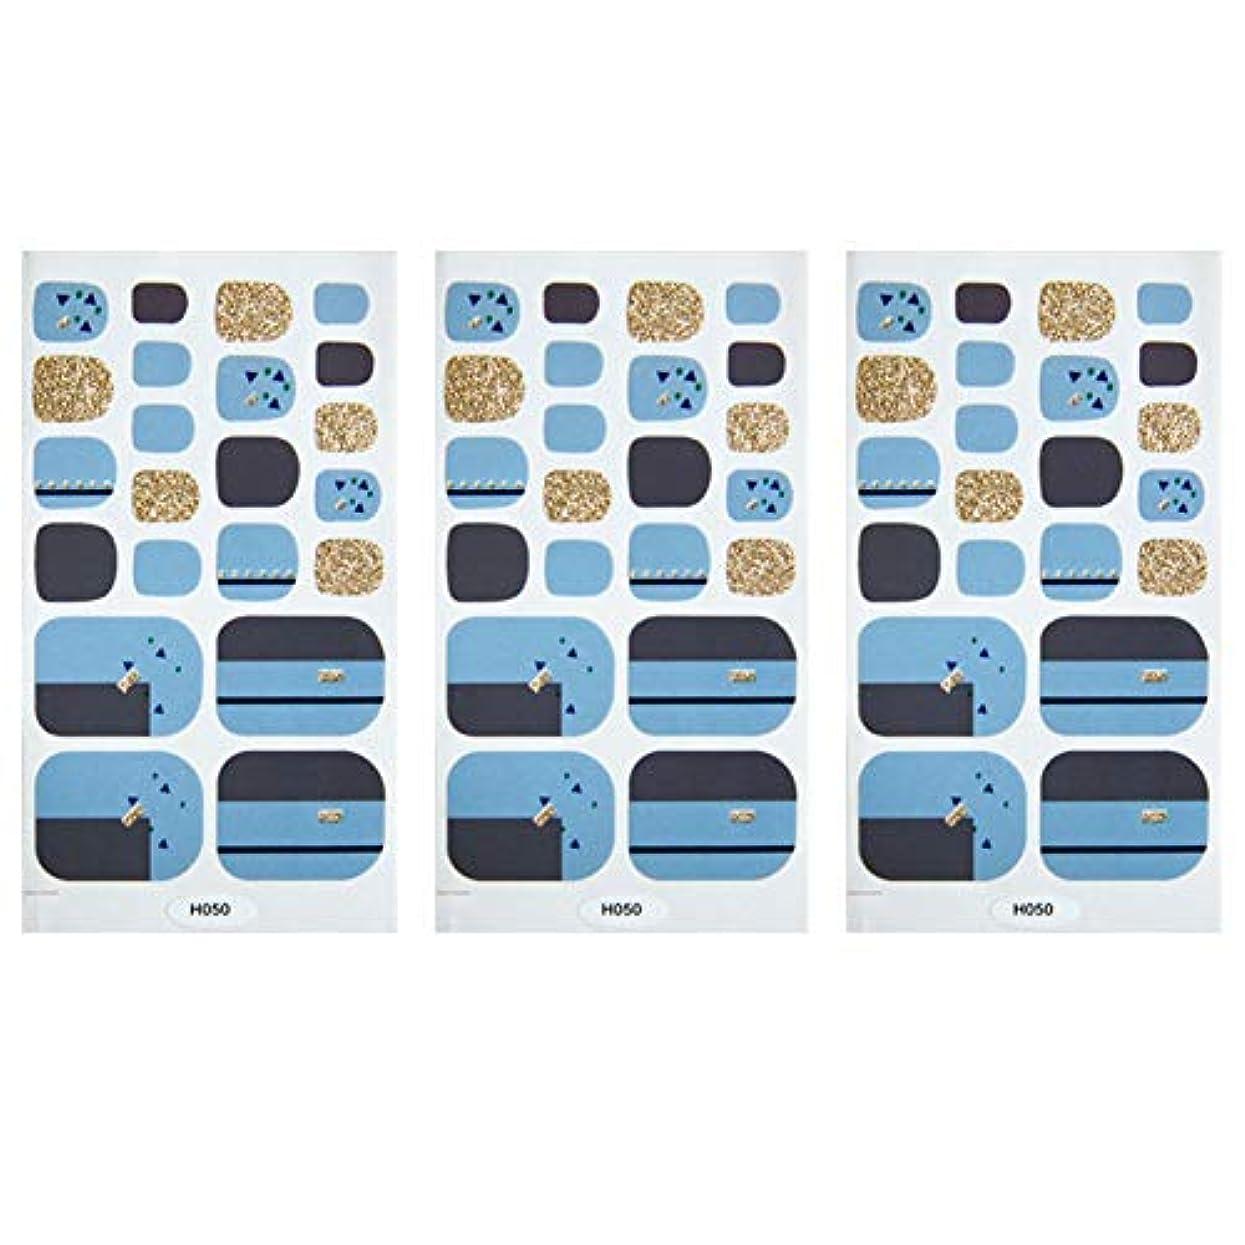 白い雨の怠Poonikuuネイルシール ネイルステッカー 足爪 ネイルデコレーション 貼るだけマニキュア 女性レディースプレゼンギフト 人気のあるファクション美しさおしゃれ 3枚セット ブルー